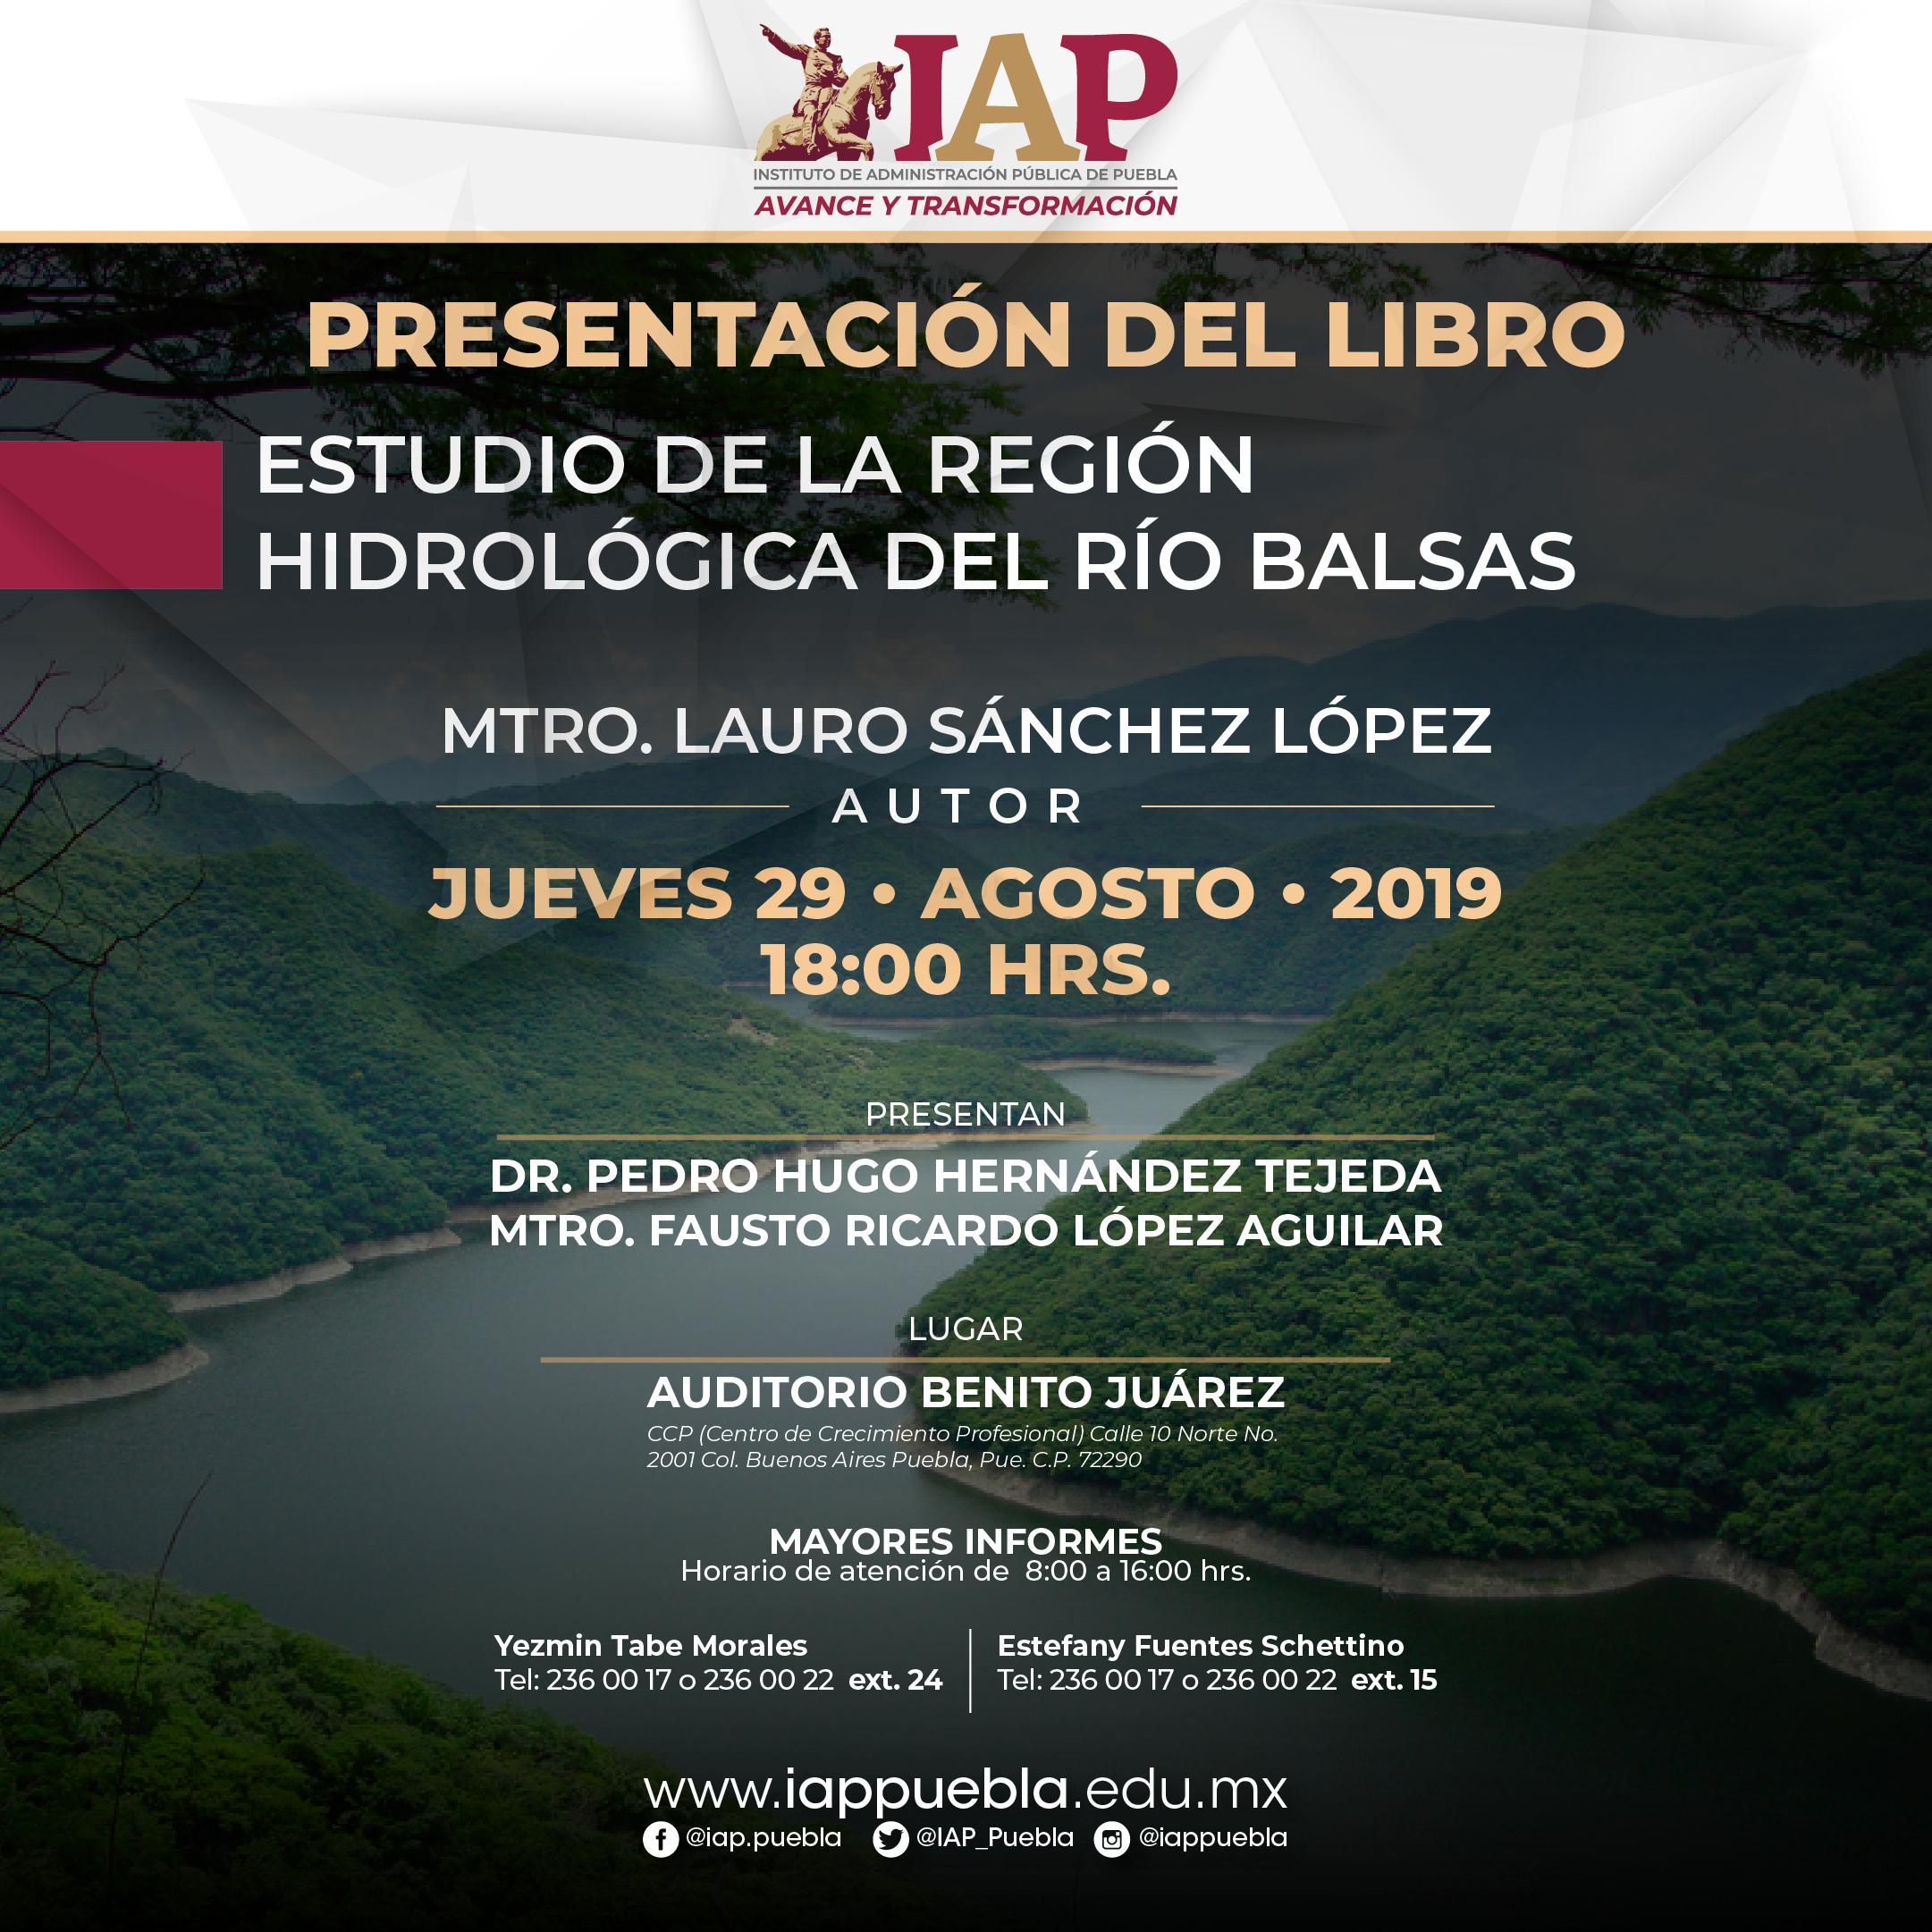 Presentación del libro: Estudio de la Región Hidrológica del Río Balsa